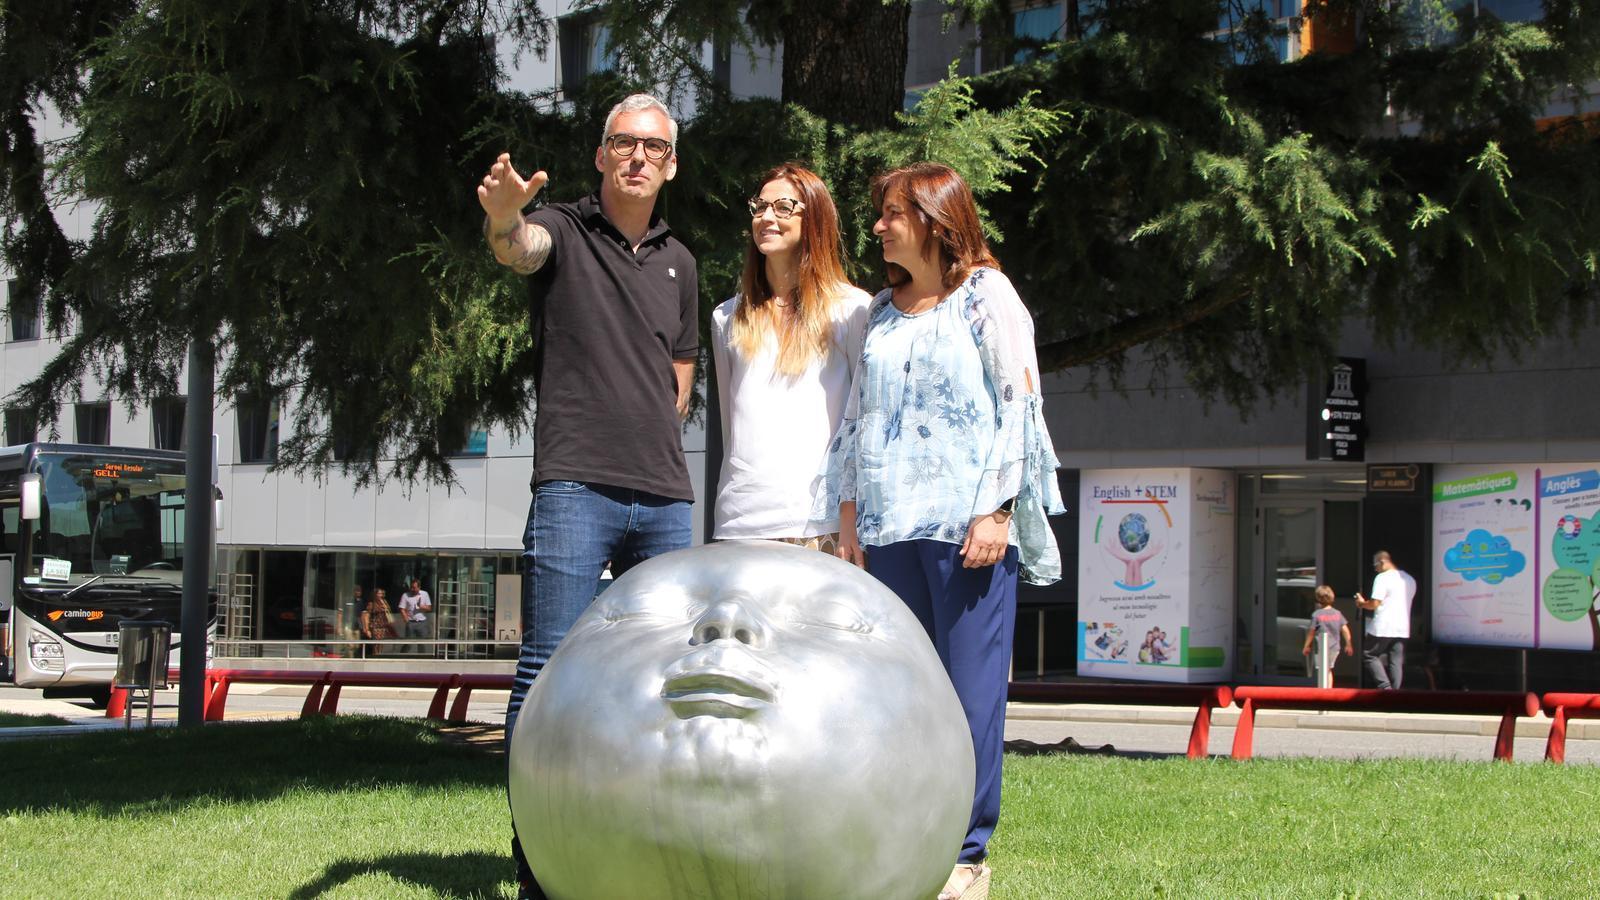 Un moment de la presentació de l'exposició 'Animals' de l'artista Joan Salcedo junt amb la ministra de Cultura i Esports, Sílvia Riva, i la cònsol major d'Escaldes-Engordany, Trini Marín, aquest dimarts. / AGÈNCIA ANA